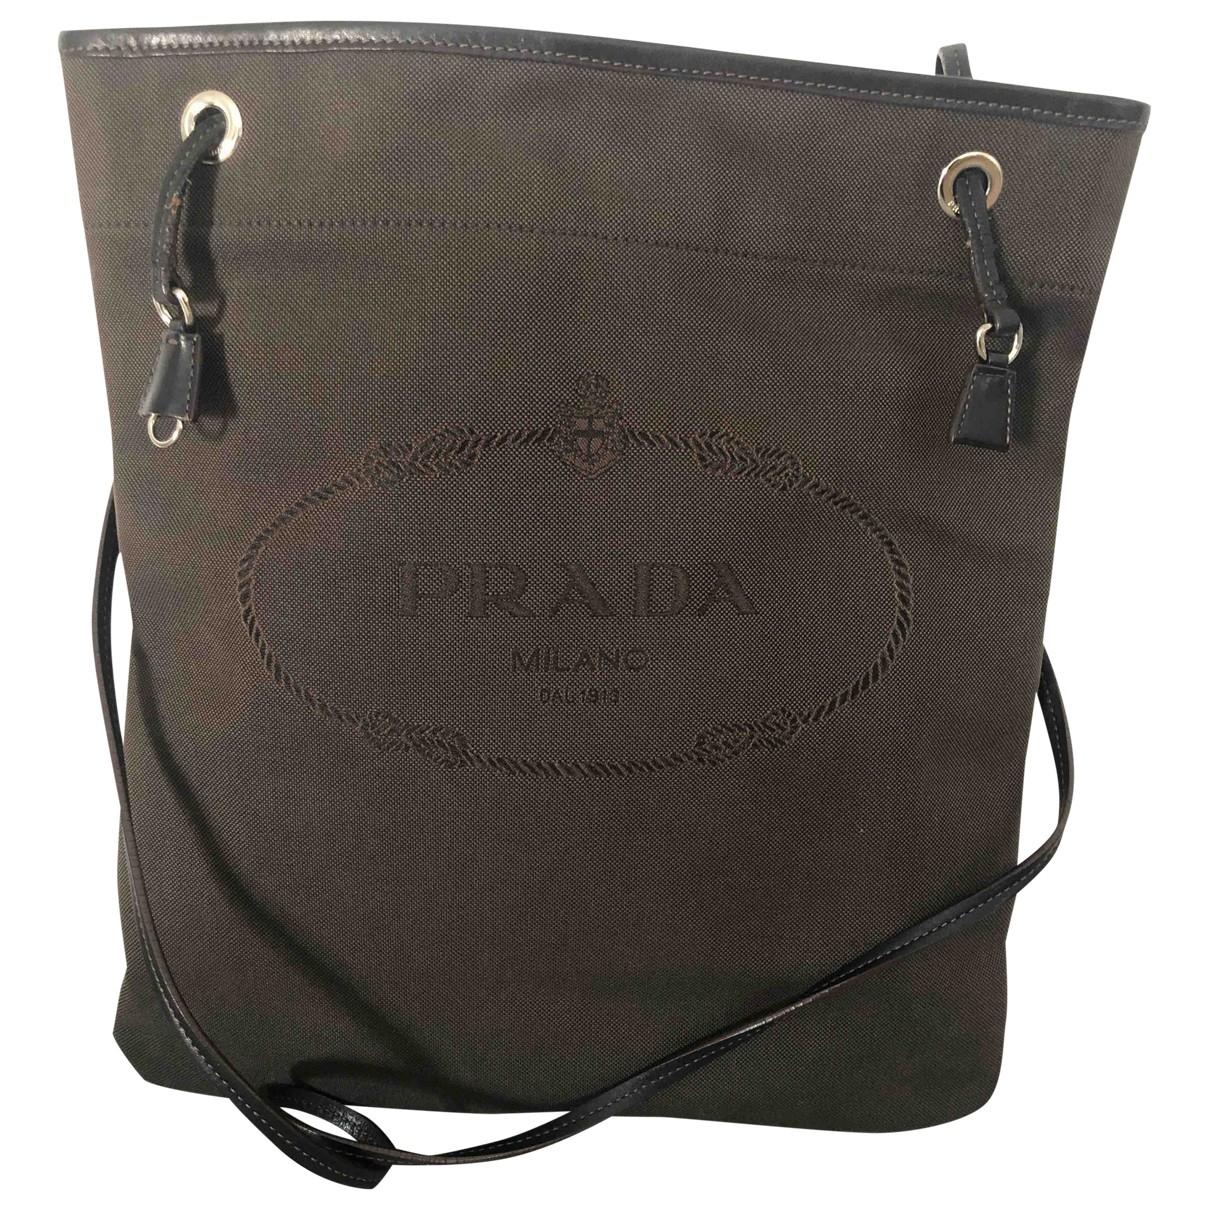 Prada Tessuto  Handtasche in  Braun Baumwolle